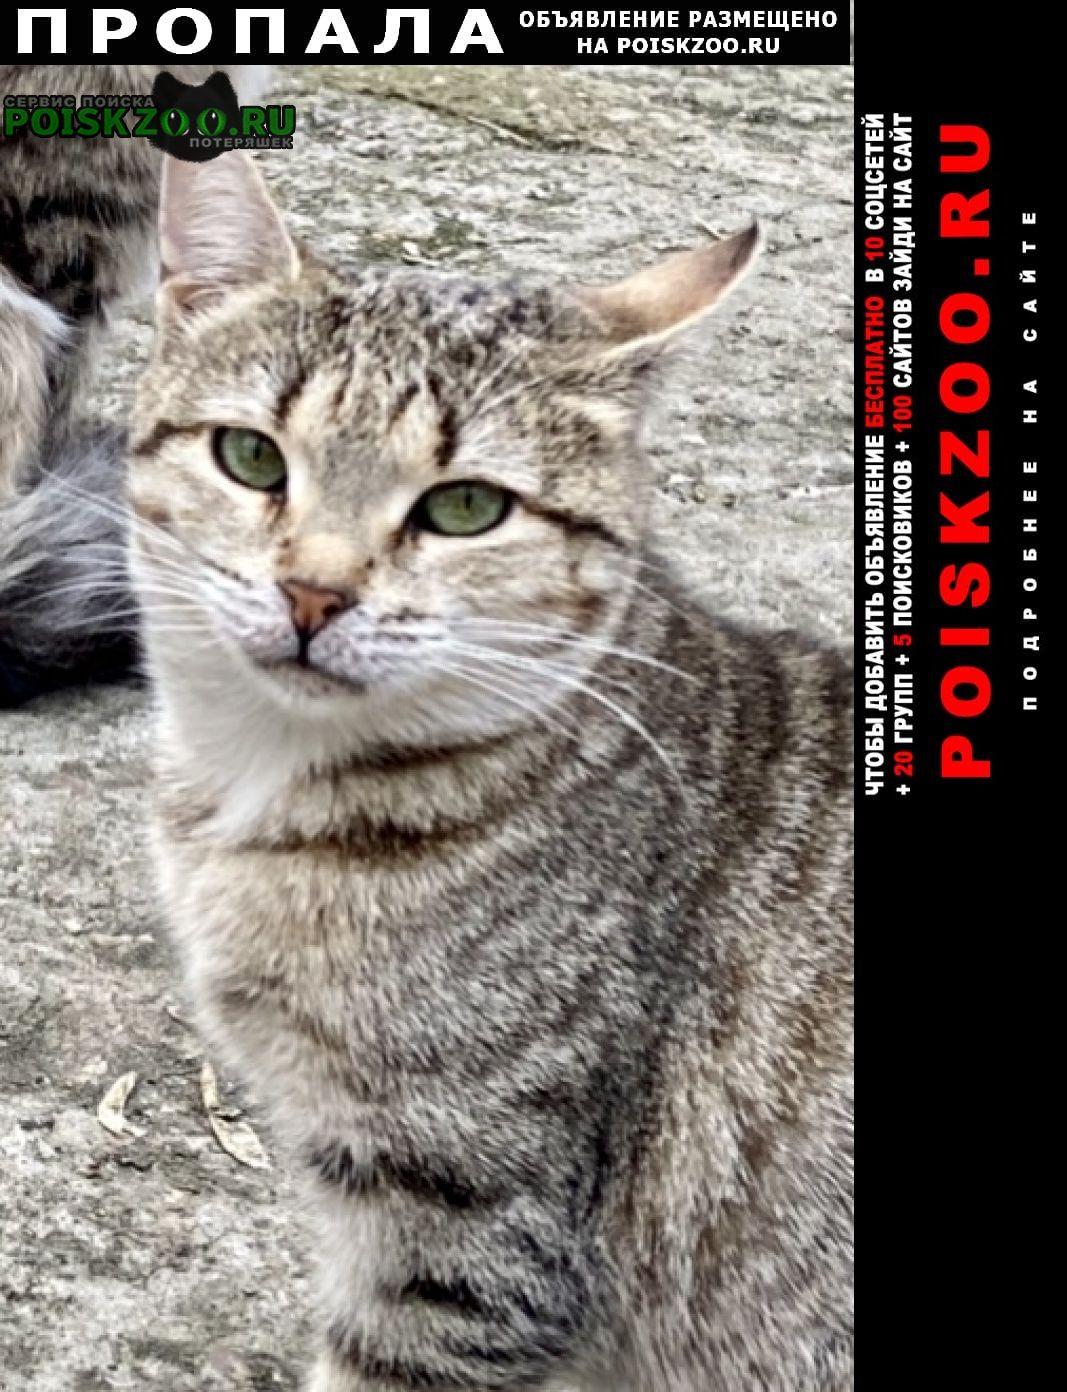 Пропала кошка прошу помочь найти за вознаграждение Москва